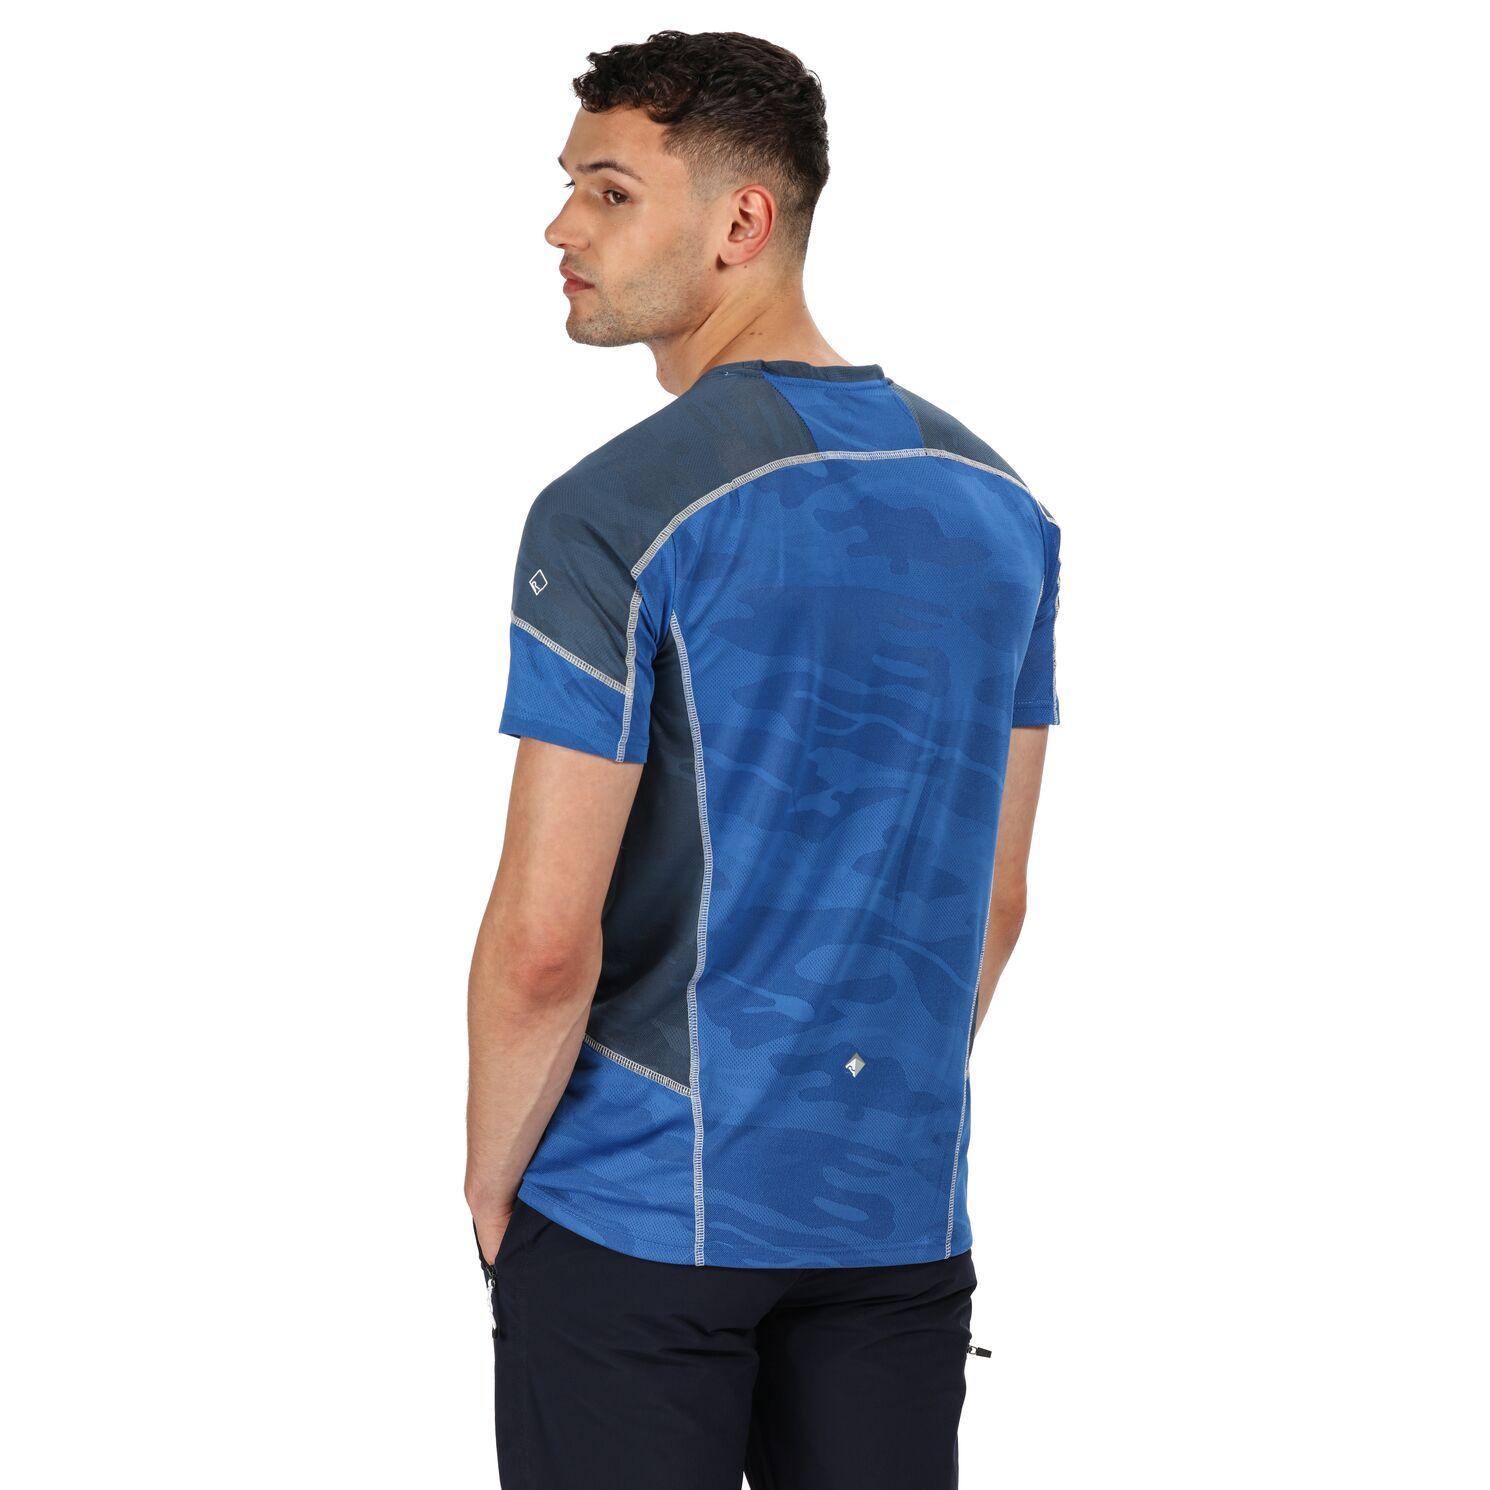 Regatta Mens Camito Active T-Shirt